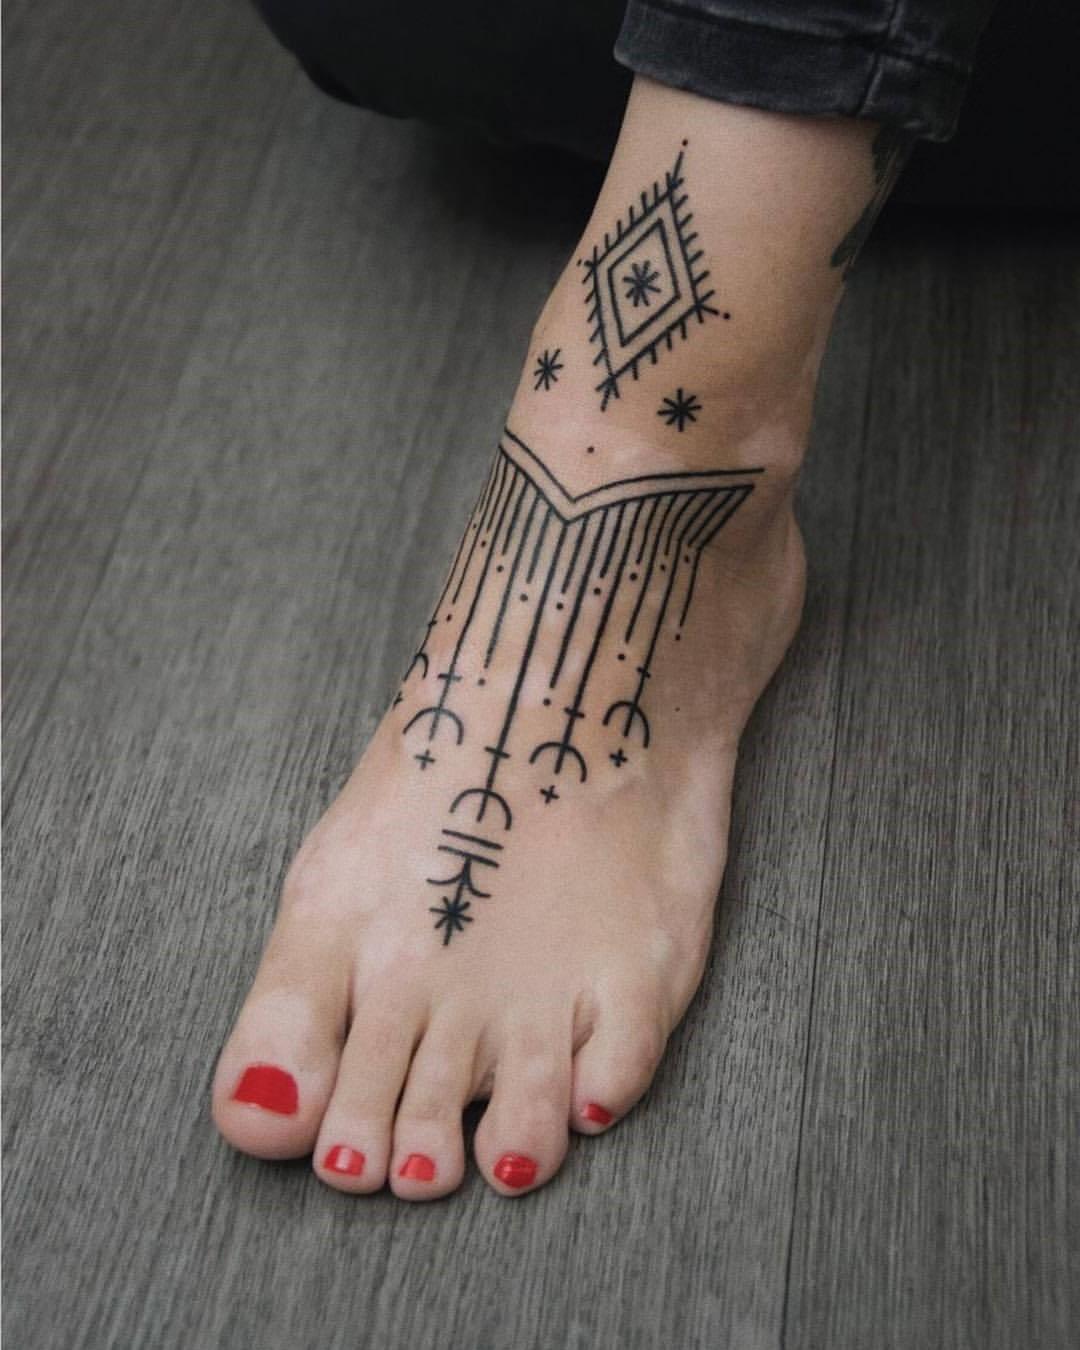 Tatouage sur la cheville et le pied.